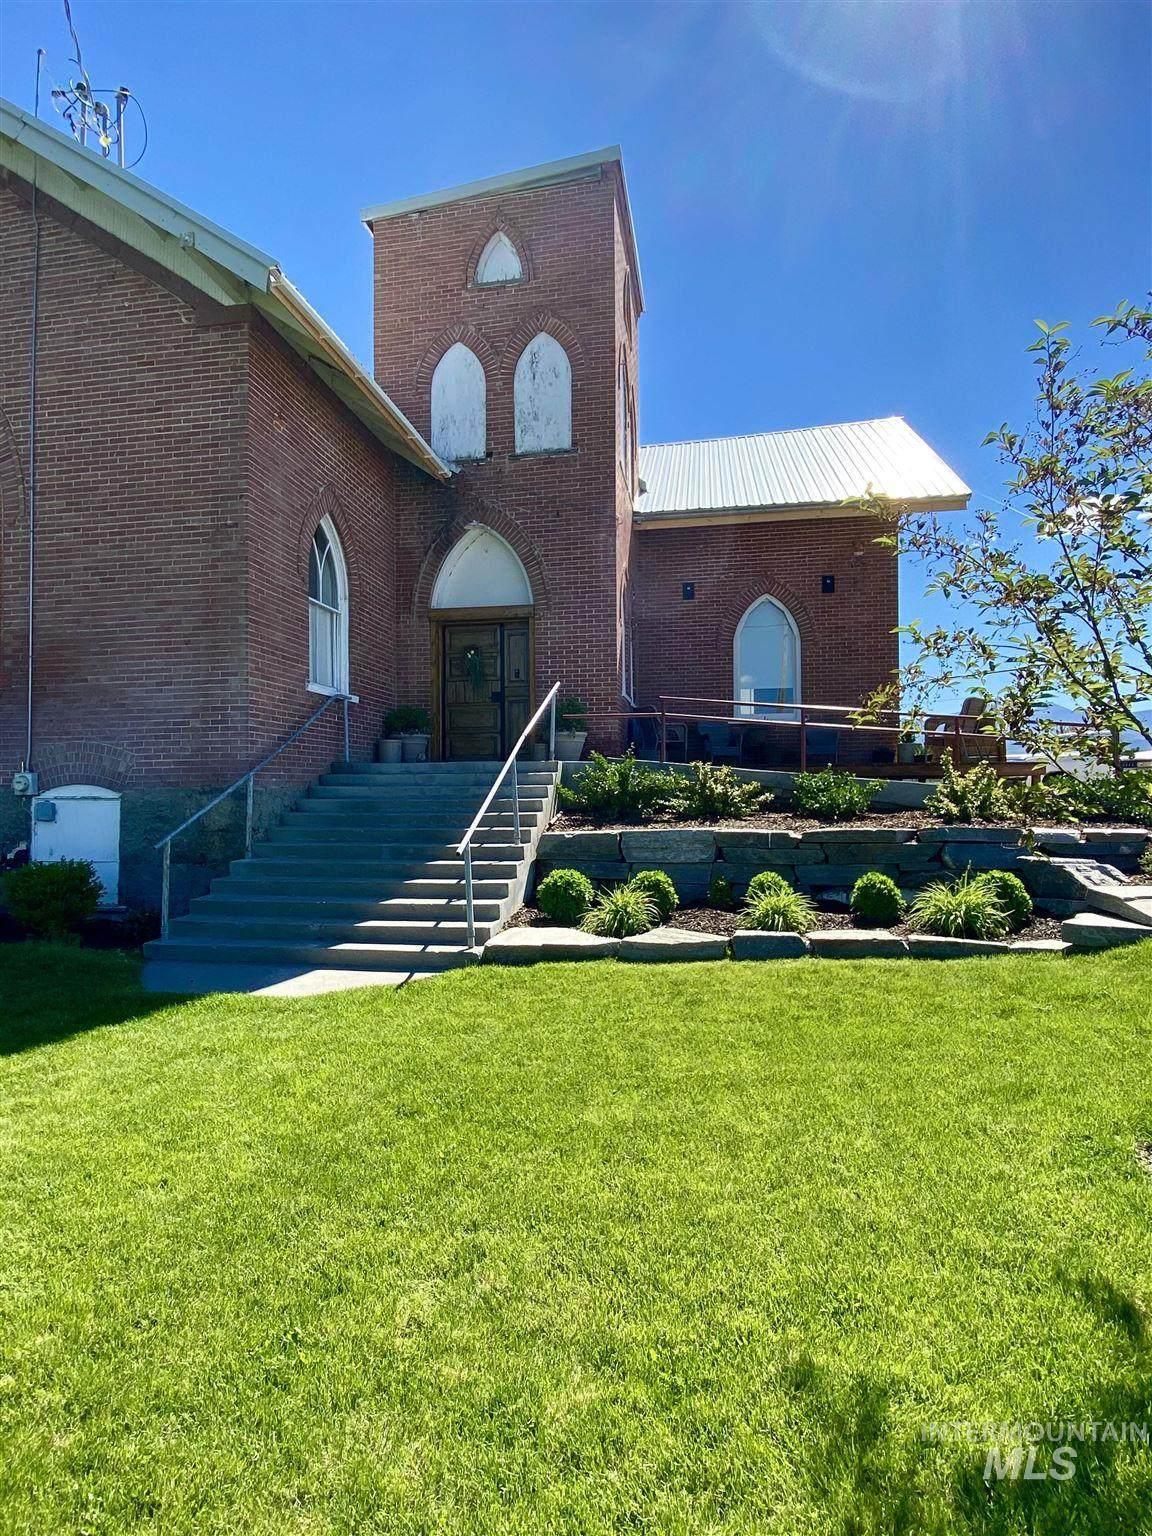 140 N Church Ave - Photo 1